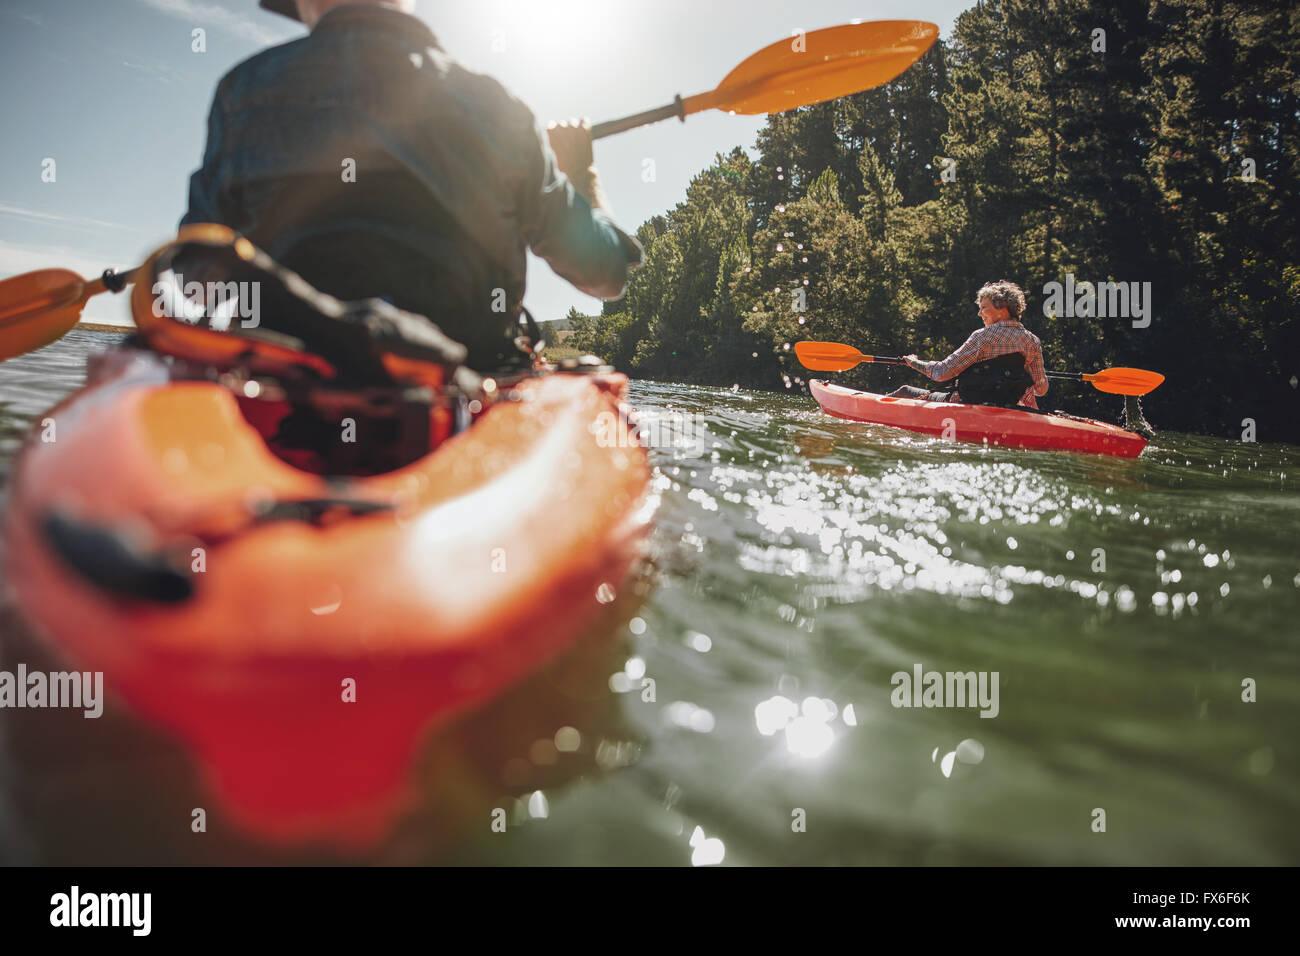 Retrato de mujer madura, kayak en el lago en un día soleado. Par canoa en un lago en verano. Imagen De Stock